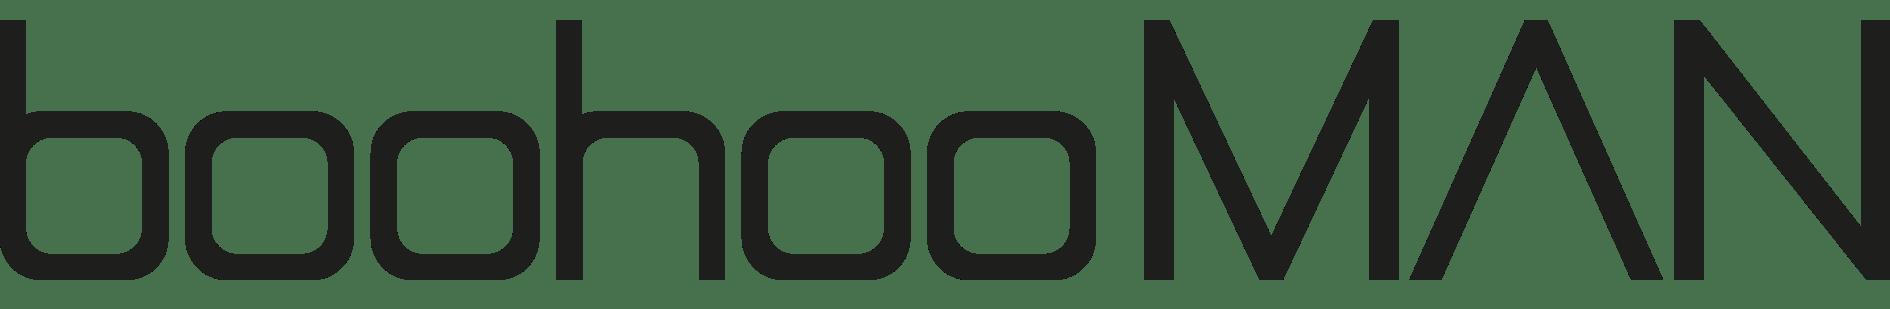 BoohooMan.com logo